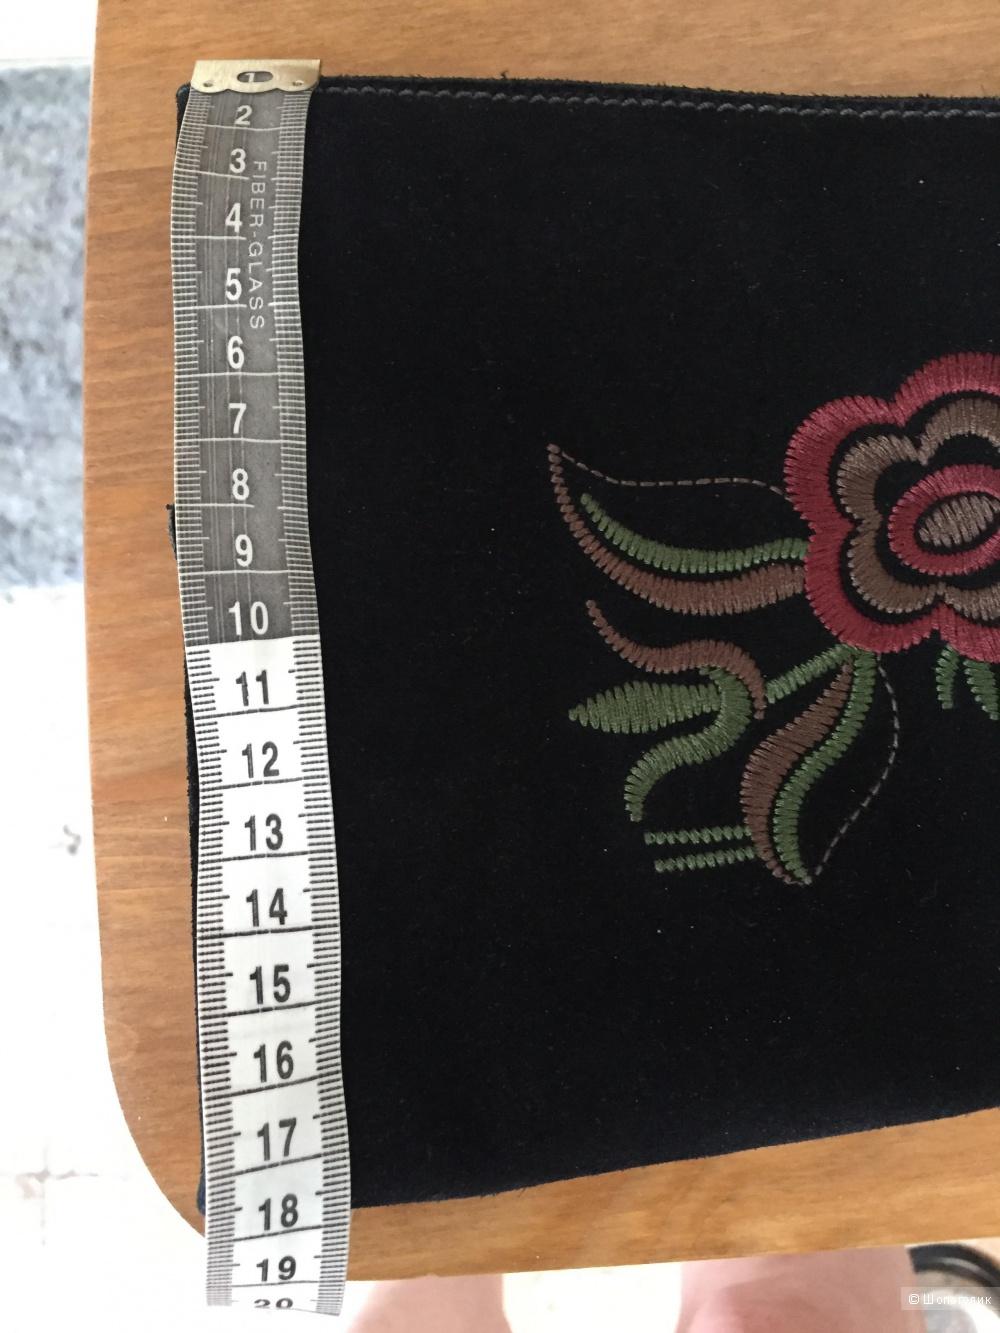 Сапоги Ecco черная замша плюс вышивка размер 36 на 36-36,5.